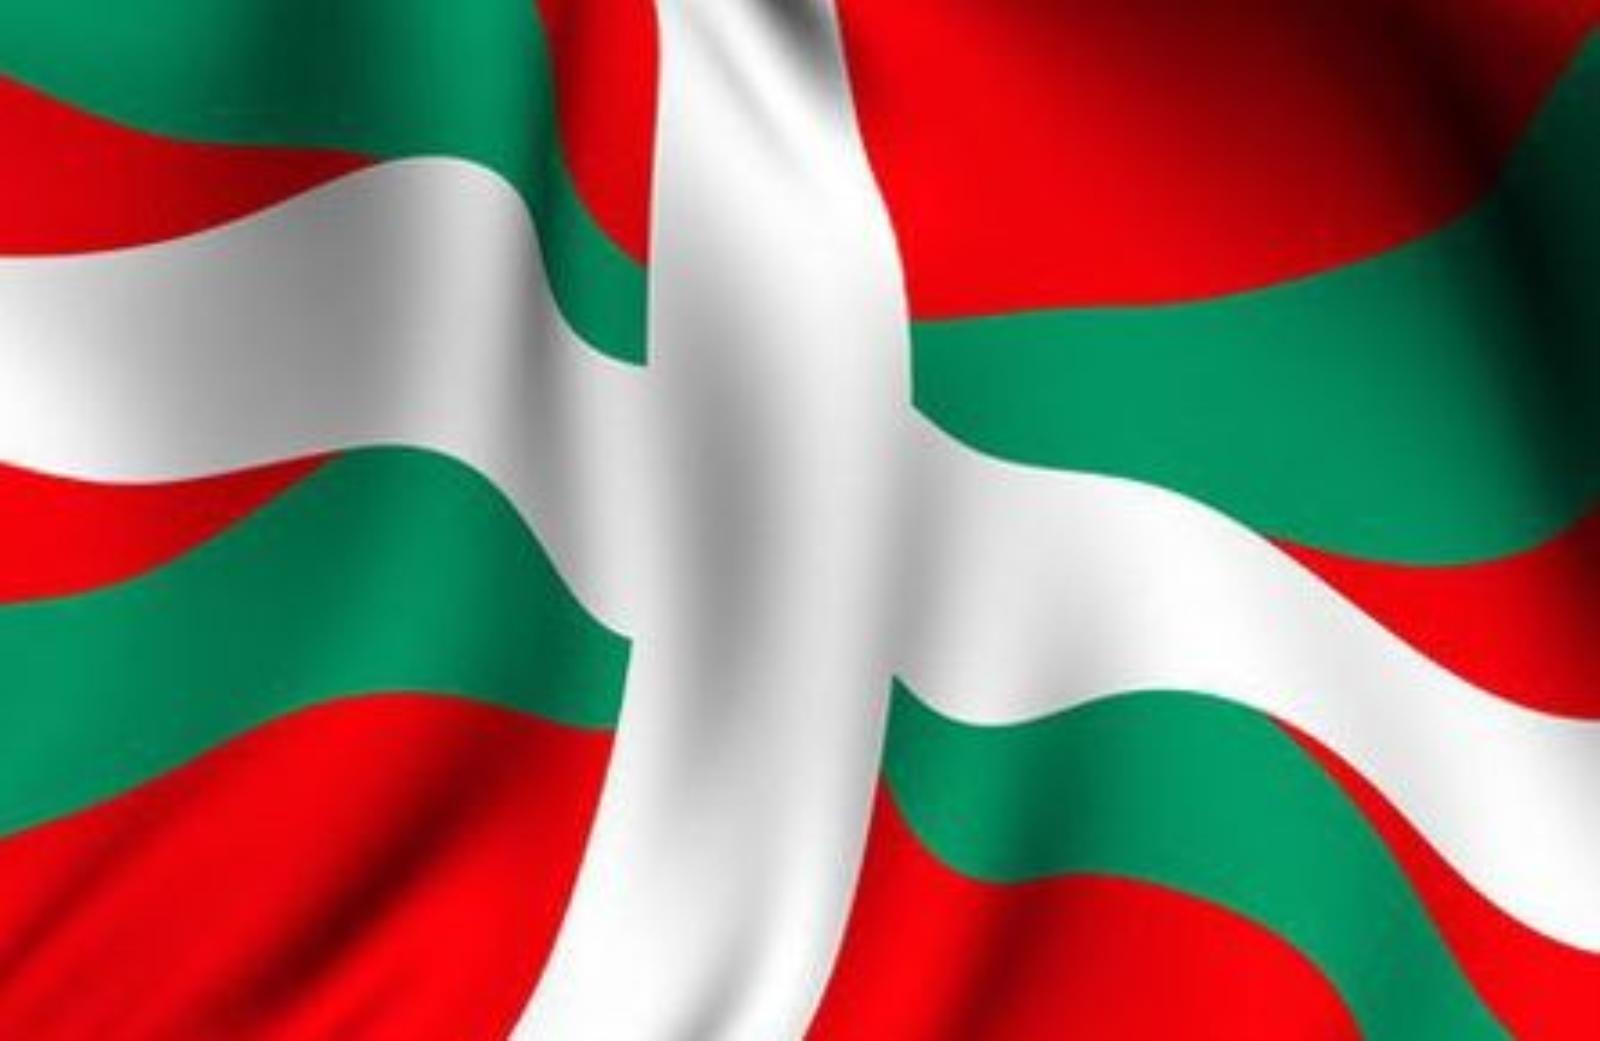 Prix publics préconisés par FORGE ADOUR identiques aux magasins du Pays  Basque. 95b34fc8823e